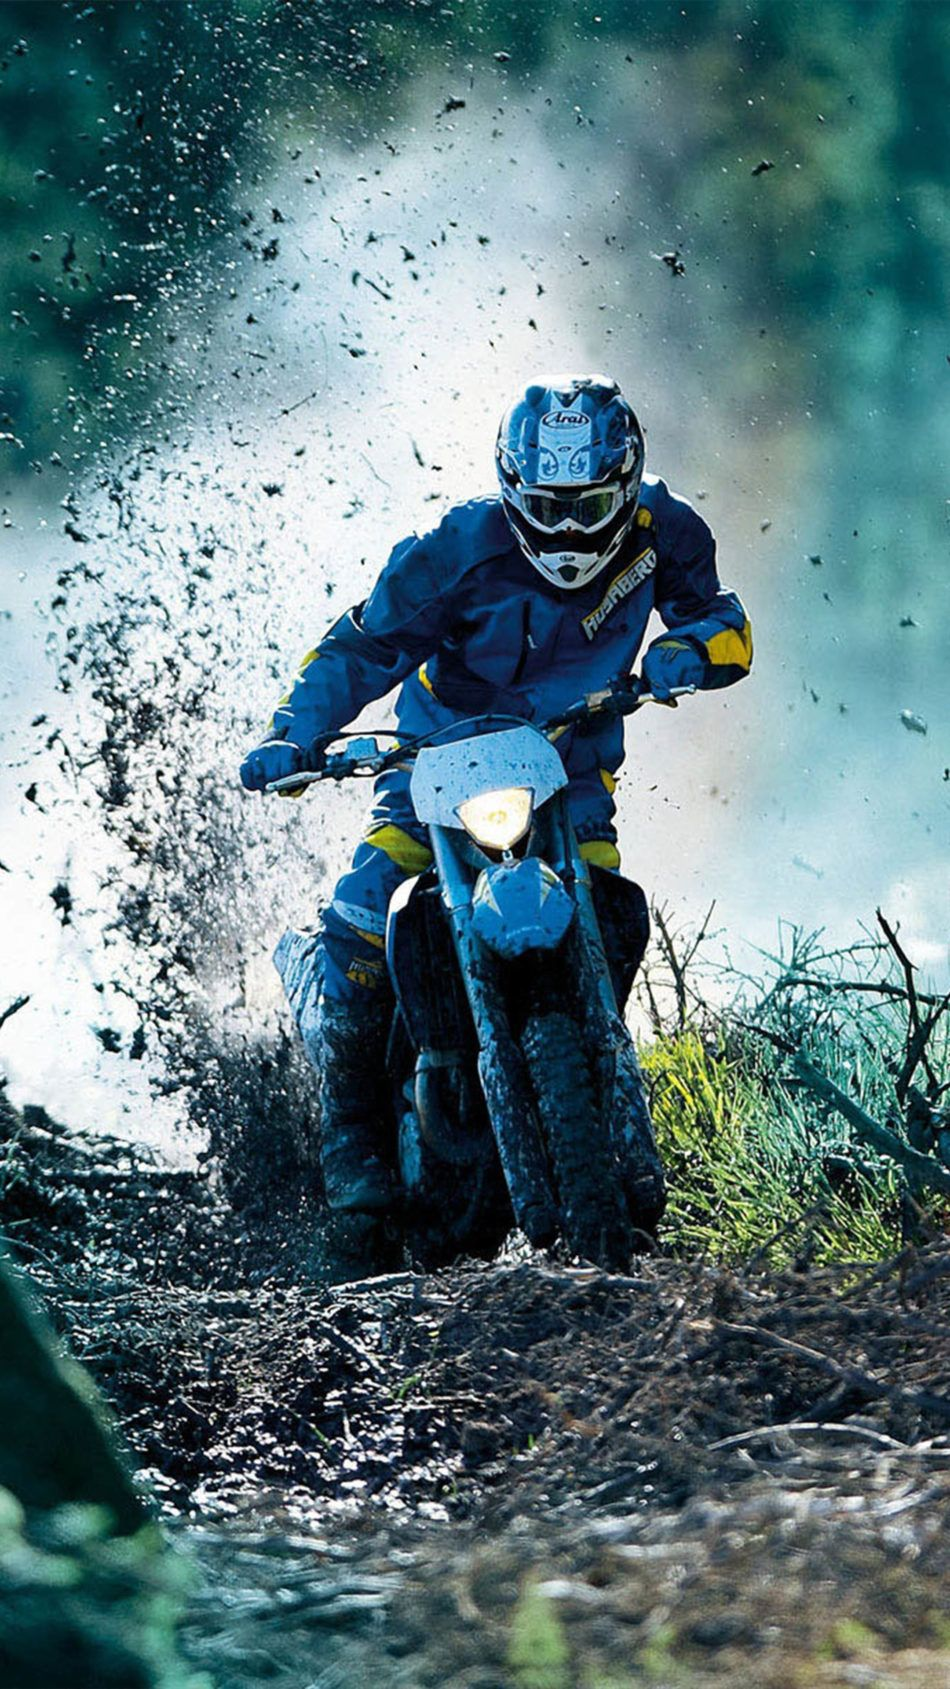 Drift Dirt Bike Race 4k Ultra Hd Mobile Wallpaper Racing Bikes Ktm Motocross Motocross